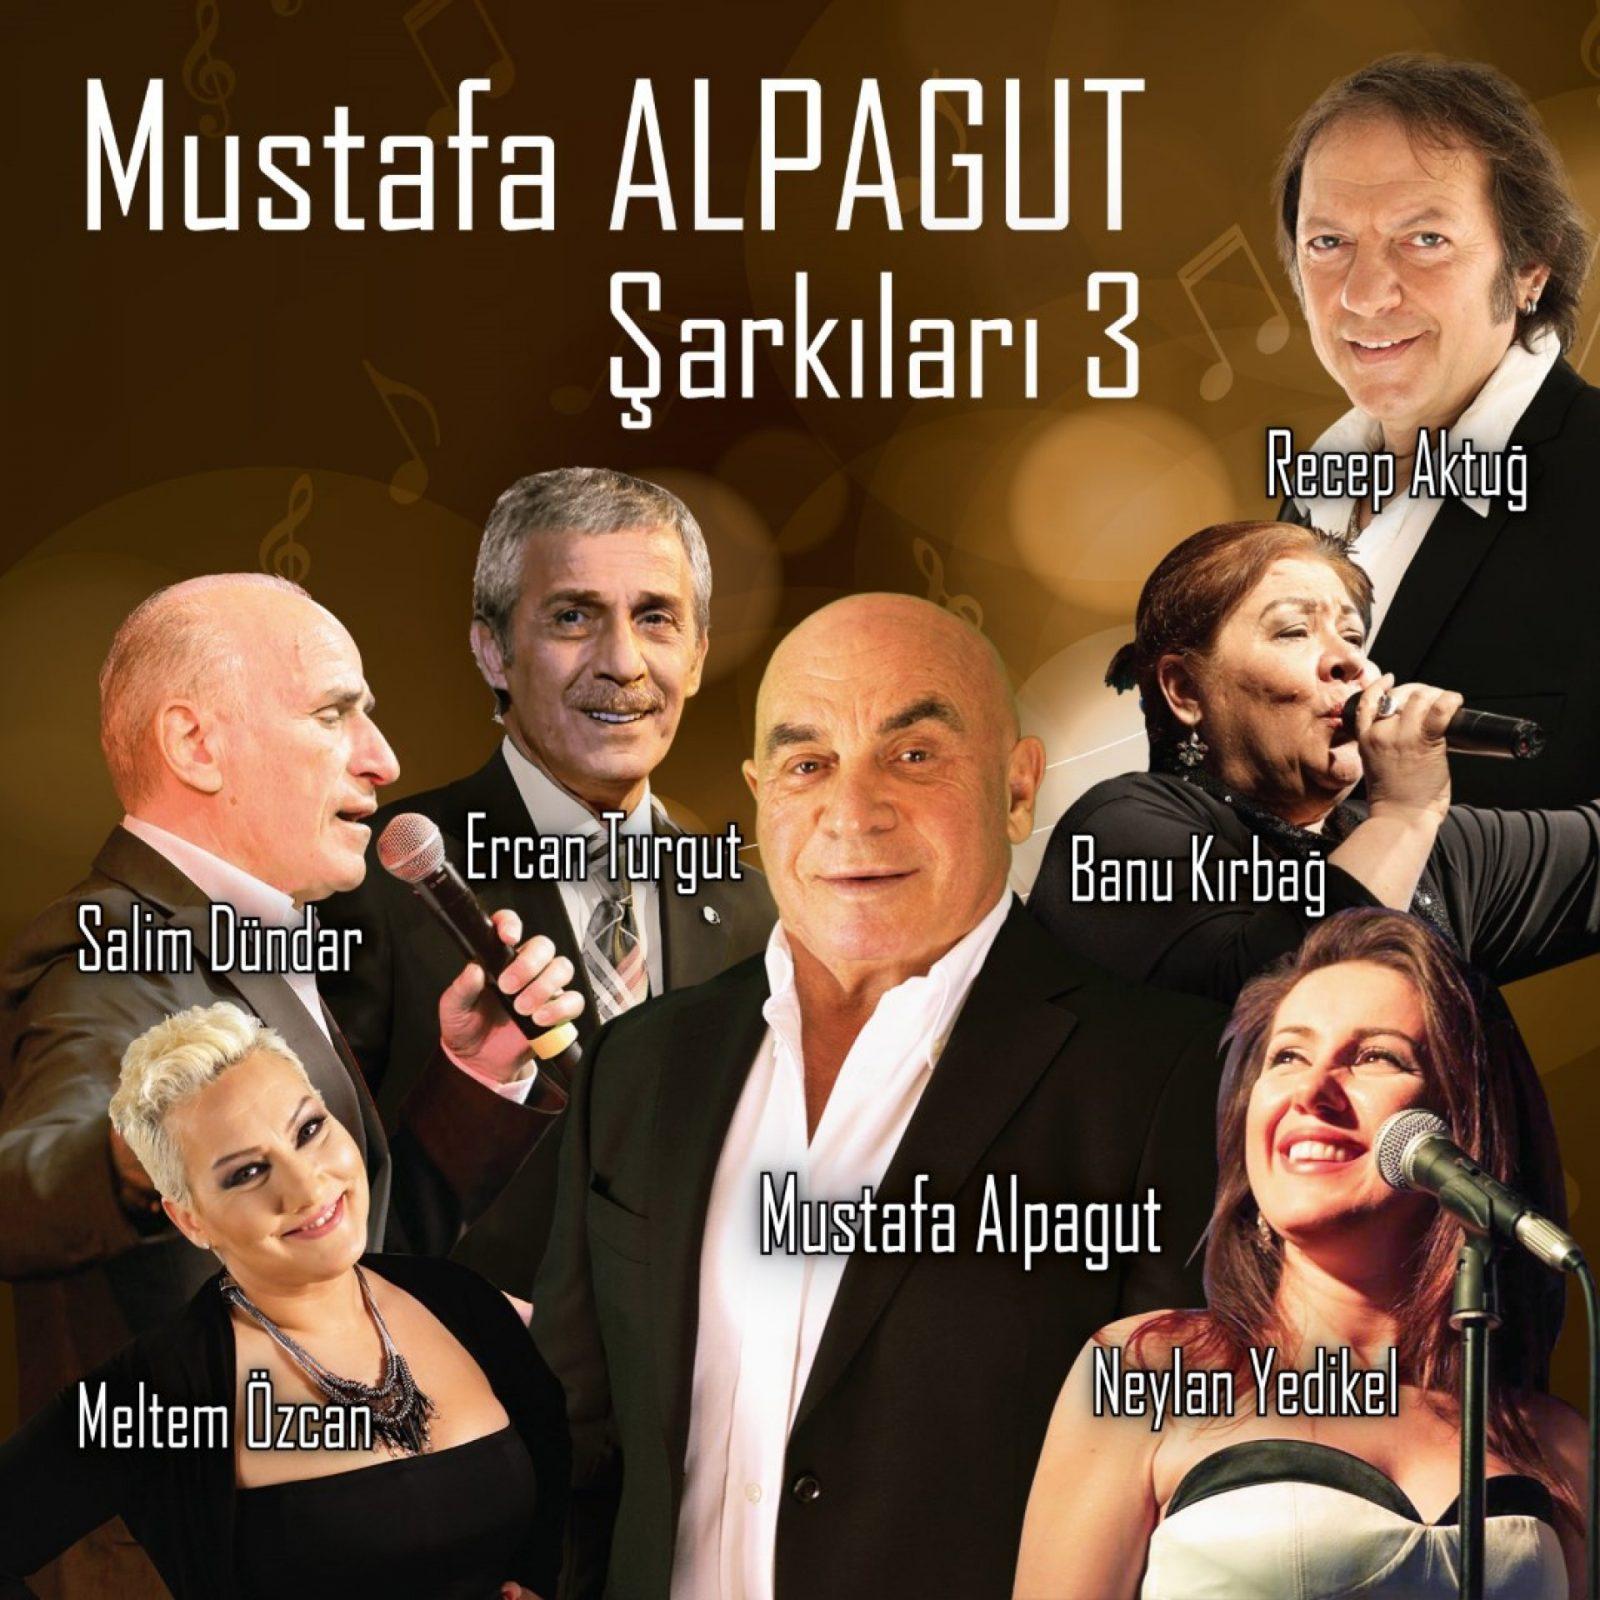 mustafa alpagut şarkıları 3 albüm kapağı